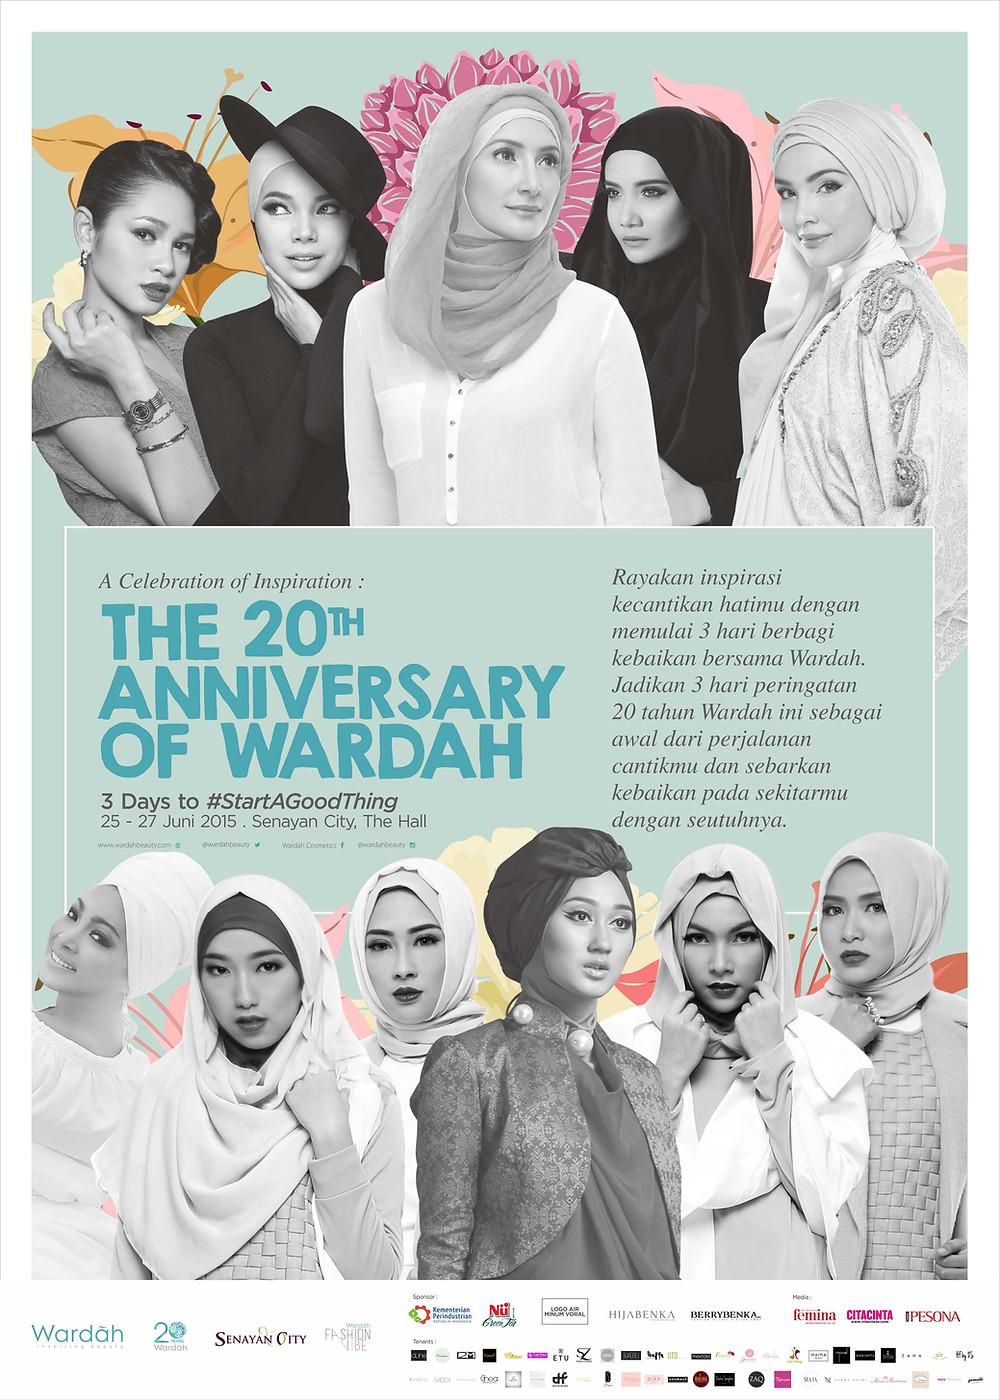 Wardah_Poster 50x70 cm (1).jpg